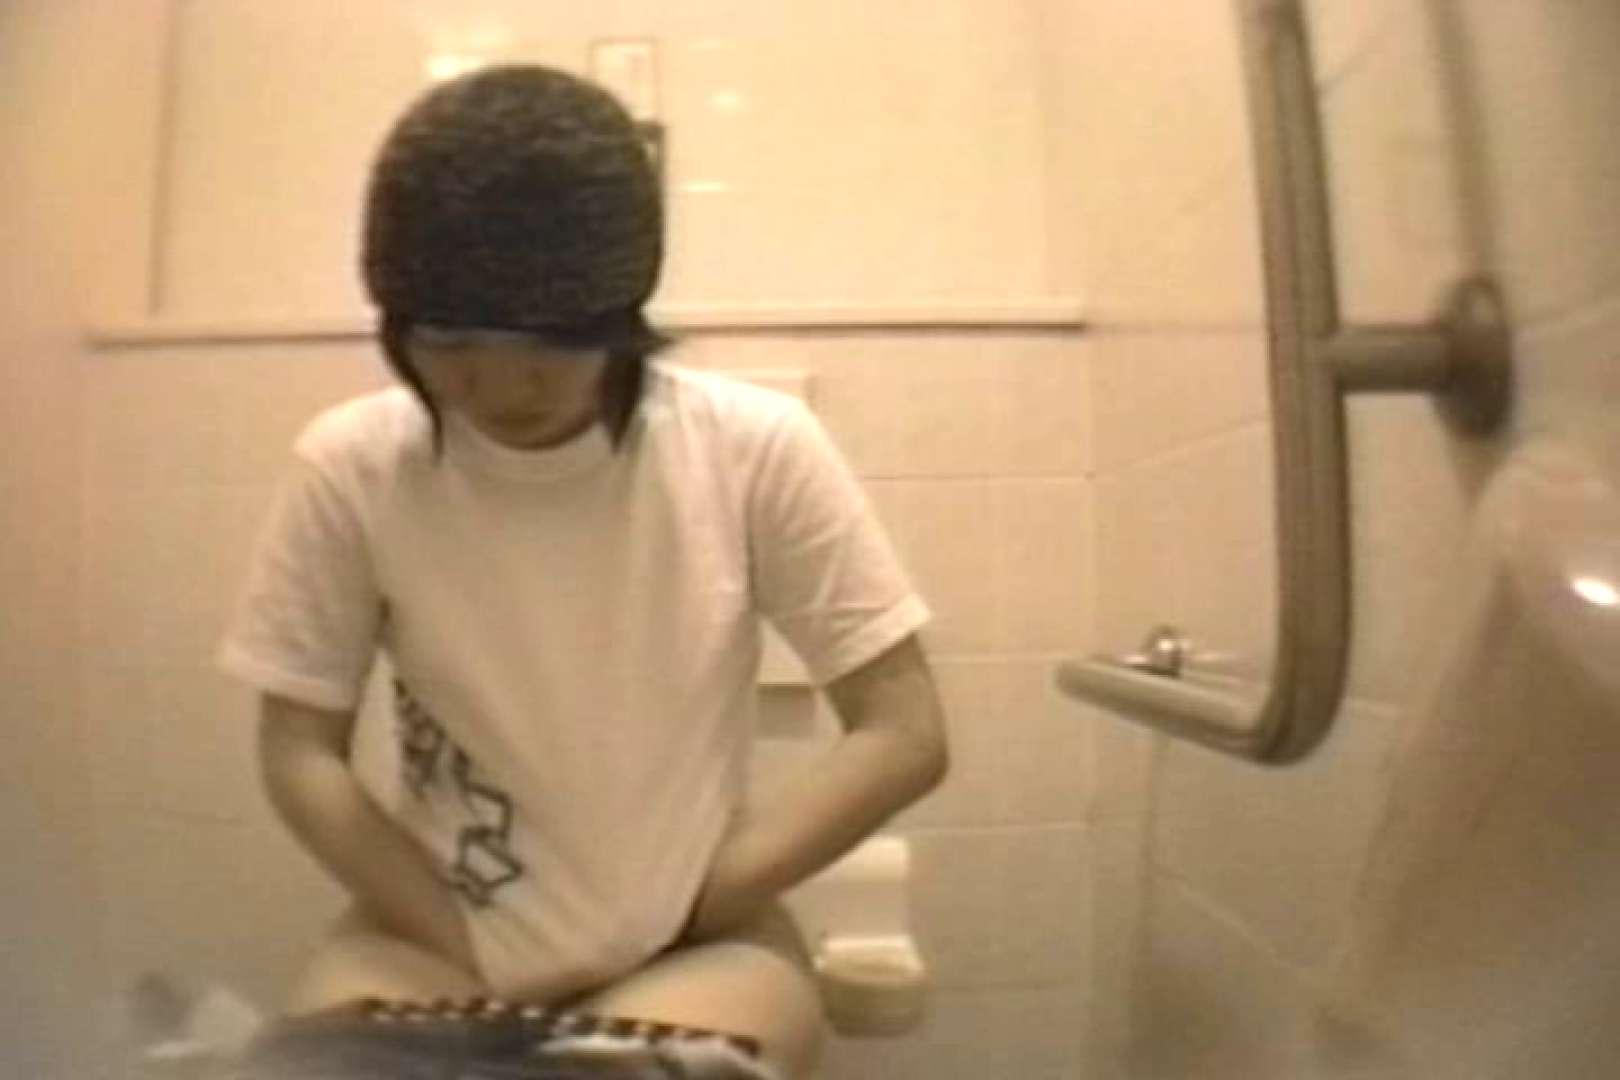 個室狂いのマニア映像Vol.4 美女OL セックス無修正動画無料 52連発 8